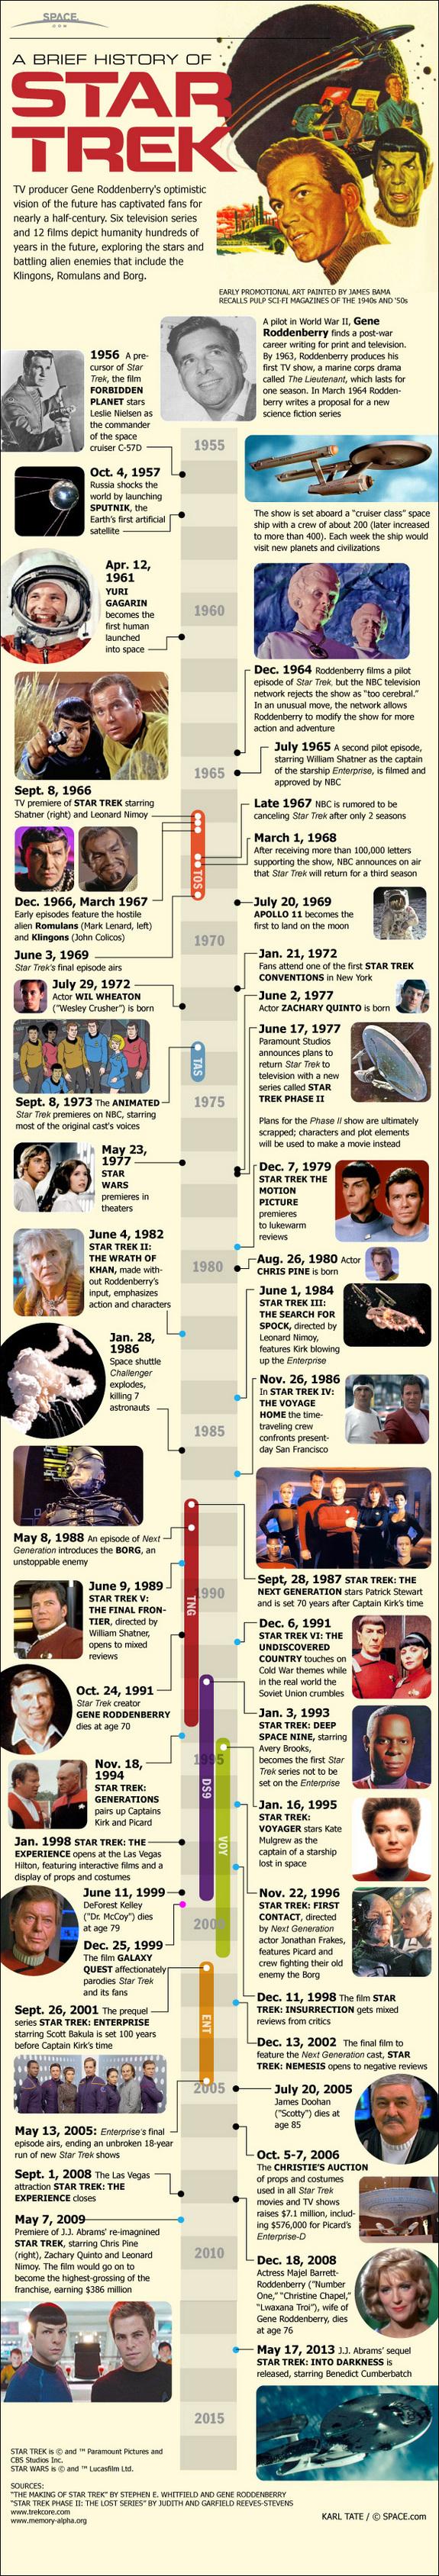 The Evolution Of Star Trek - Infographic